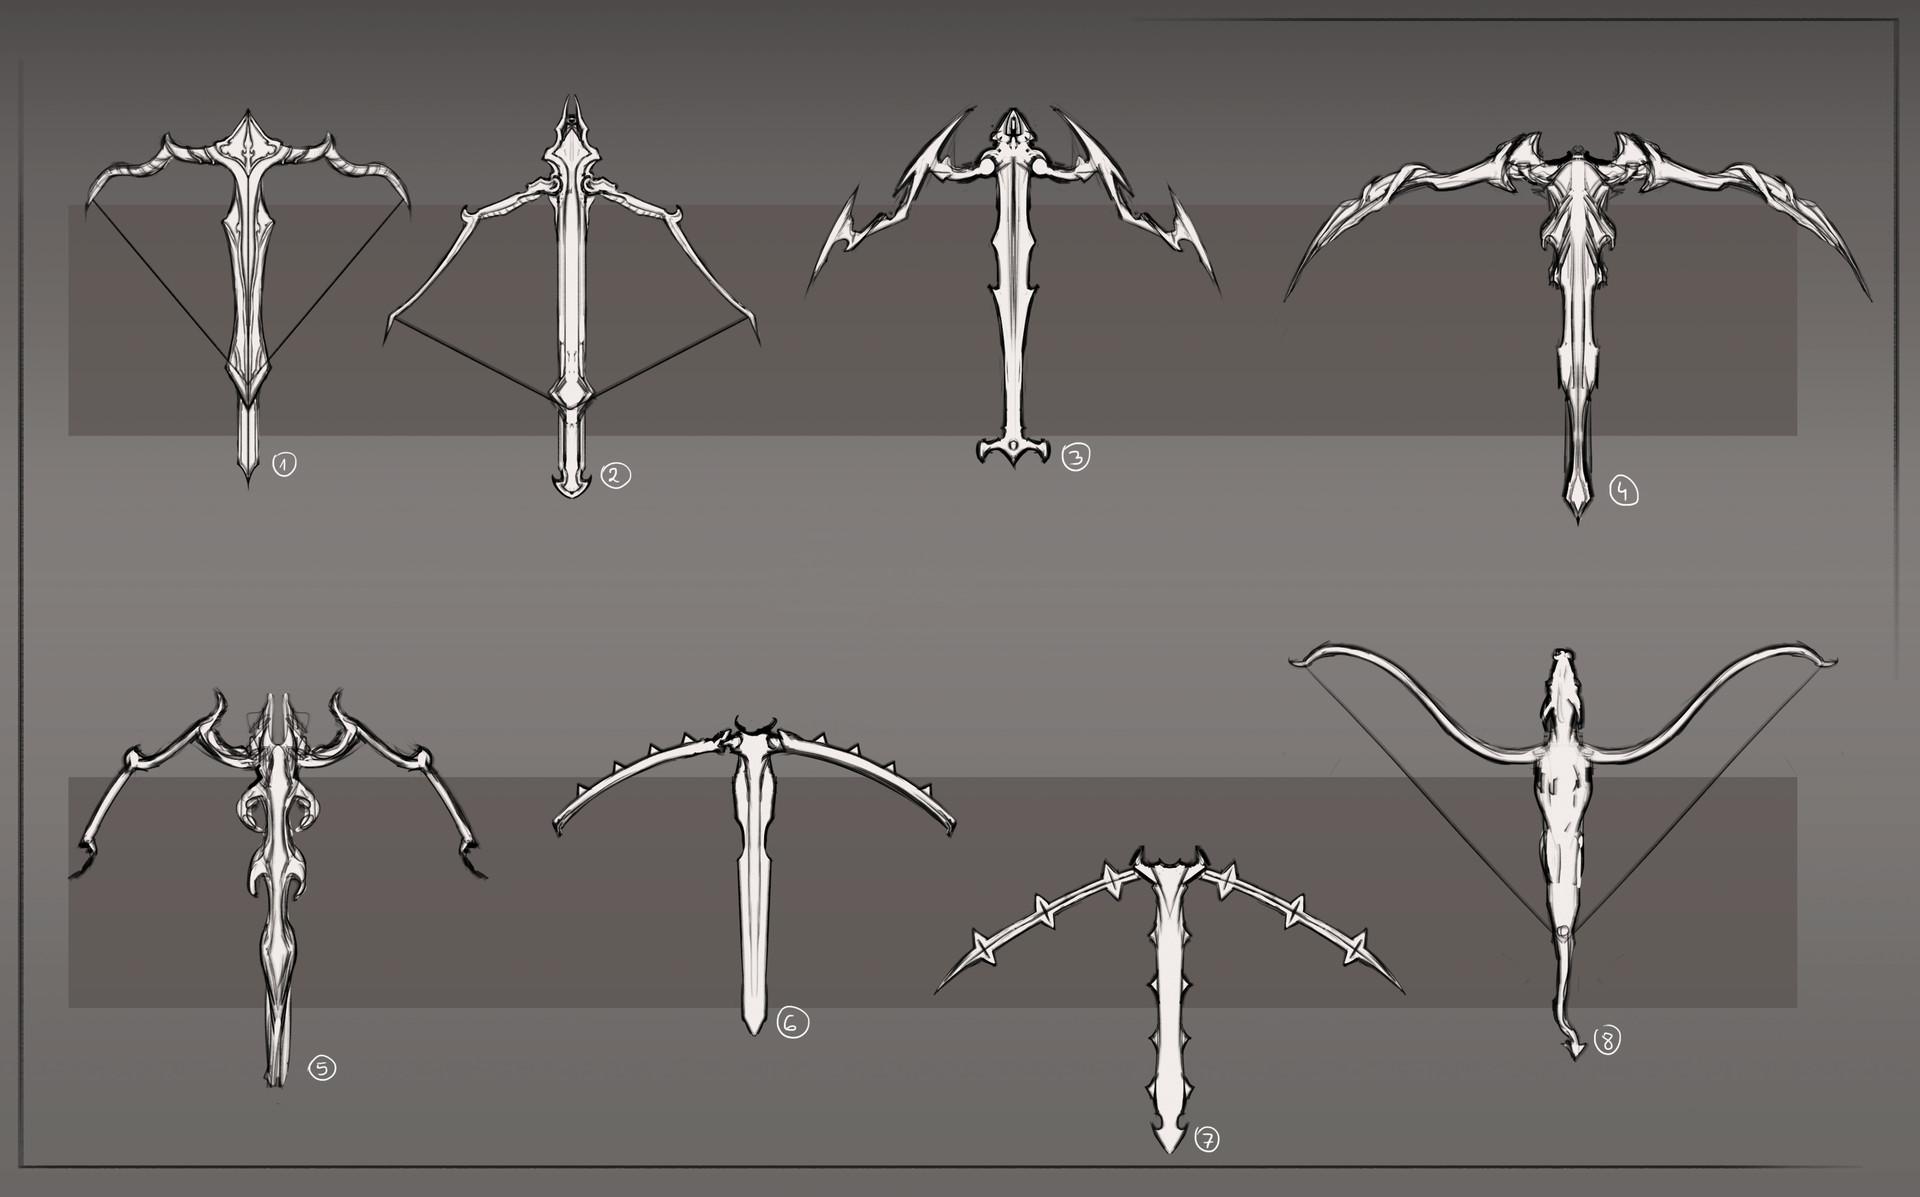 https://cdnb.artstation.com/p/assets/images/images/002/746/601/large/magdalena-mudlaff-crossbowl-concept.jpg?1465244937